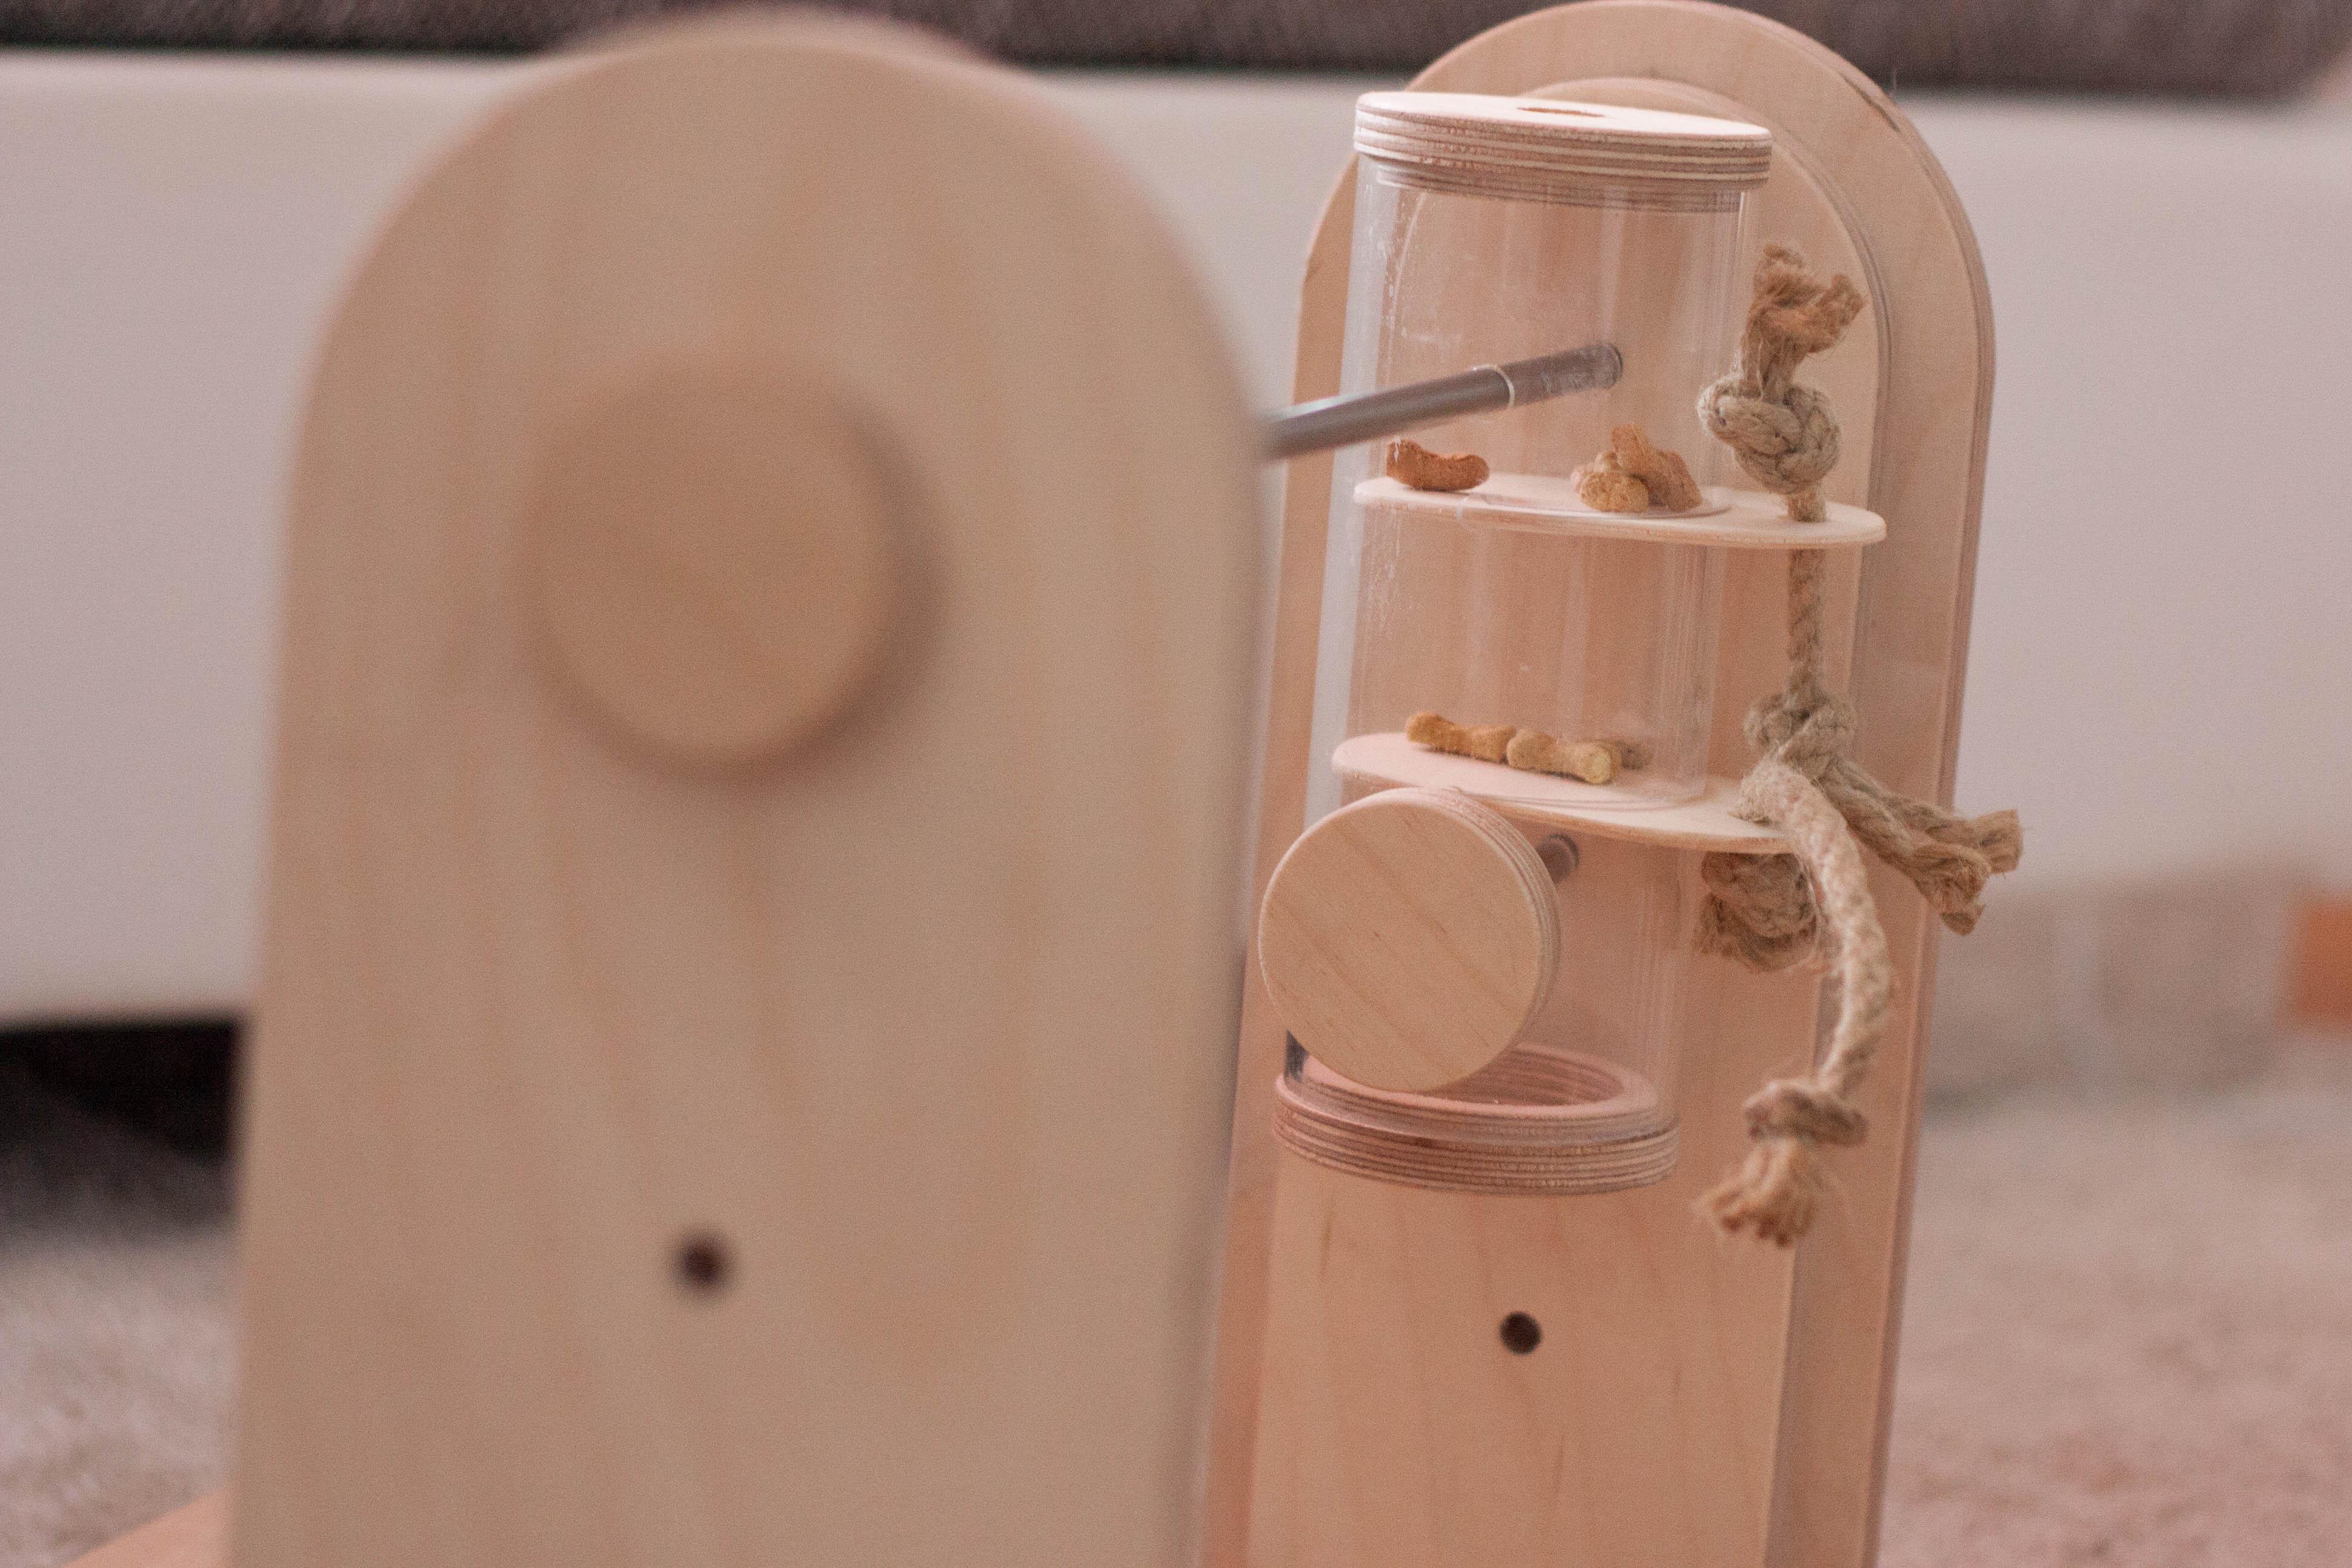 Hundebeschäftigung Intelligenzspielzeug Denkspiel aus Holz für Hunde Mentra Denkspielset